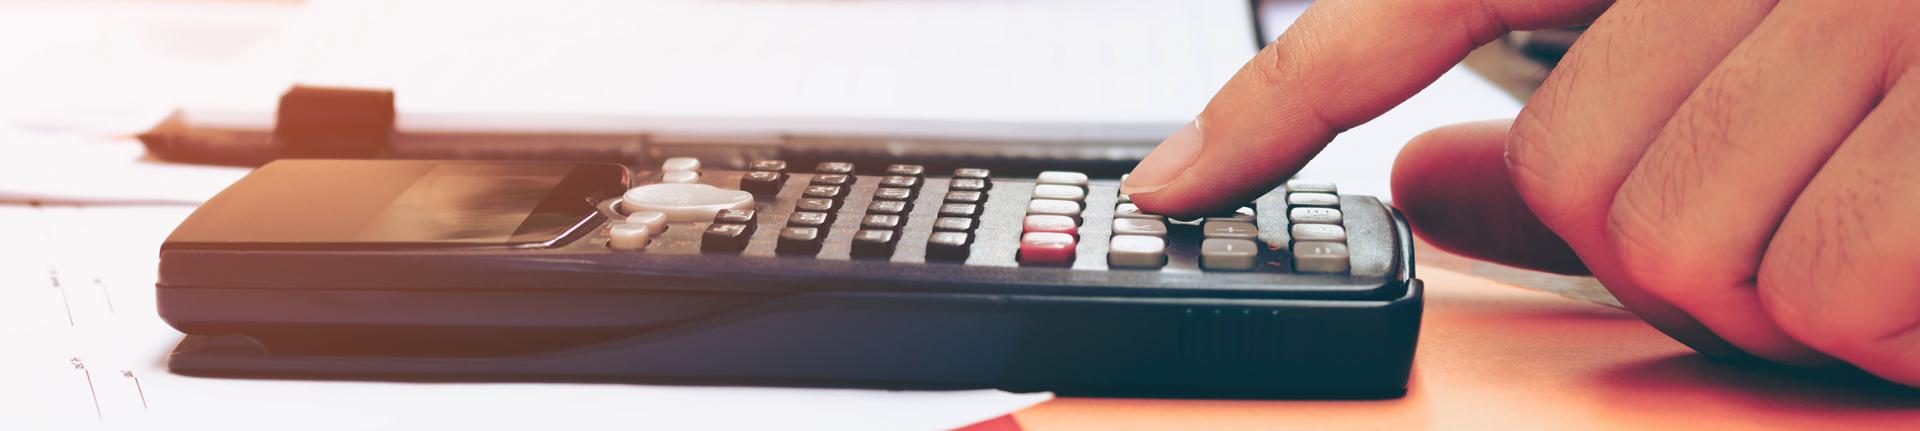 Equilíbrio financeiro: como dar o pontapé inicial?